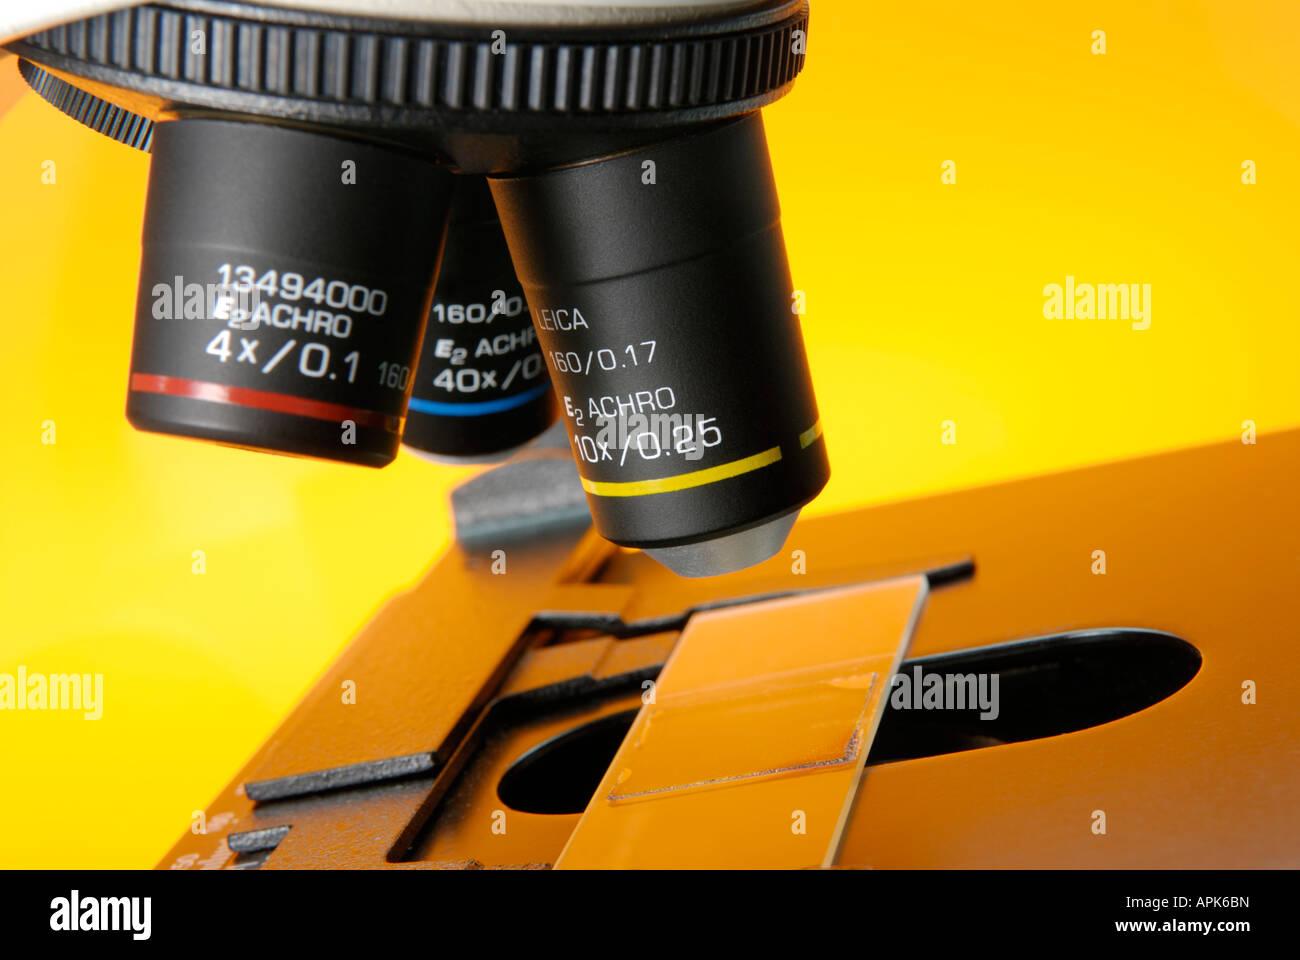 Close up d'un microscope dans un laboratoire de recherche montrant les lentilles de l'objectif et d'une Photo Stock